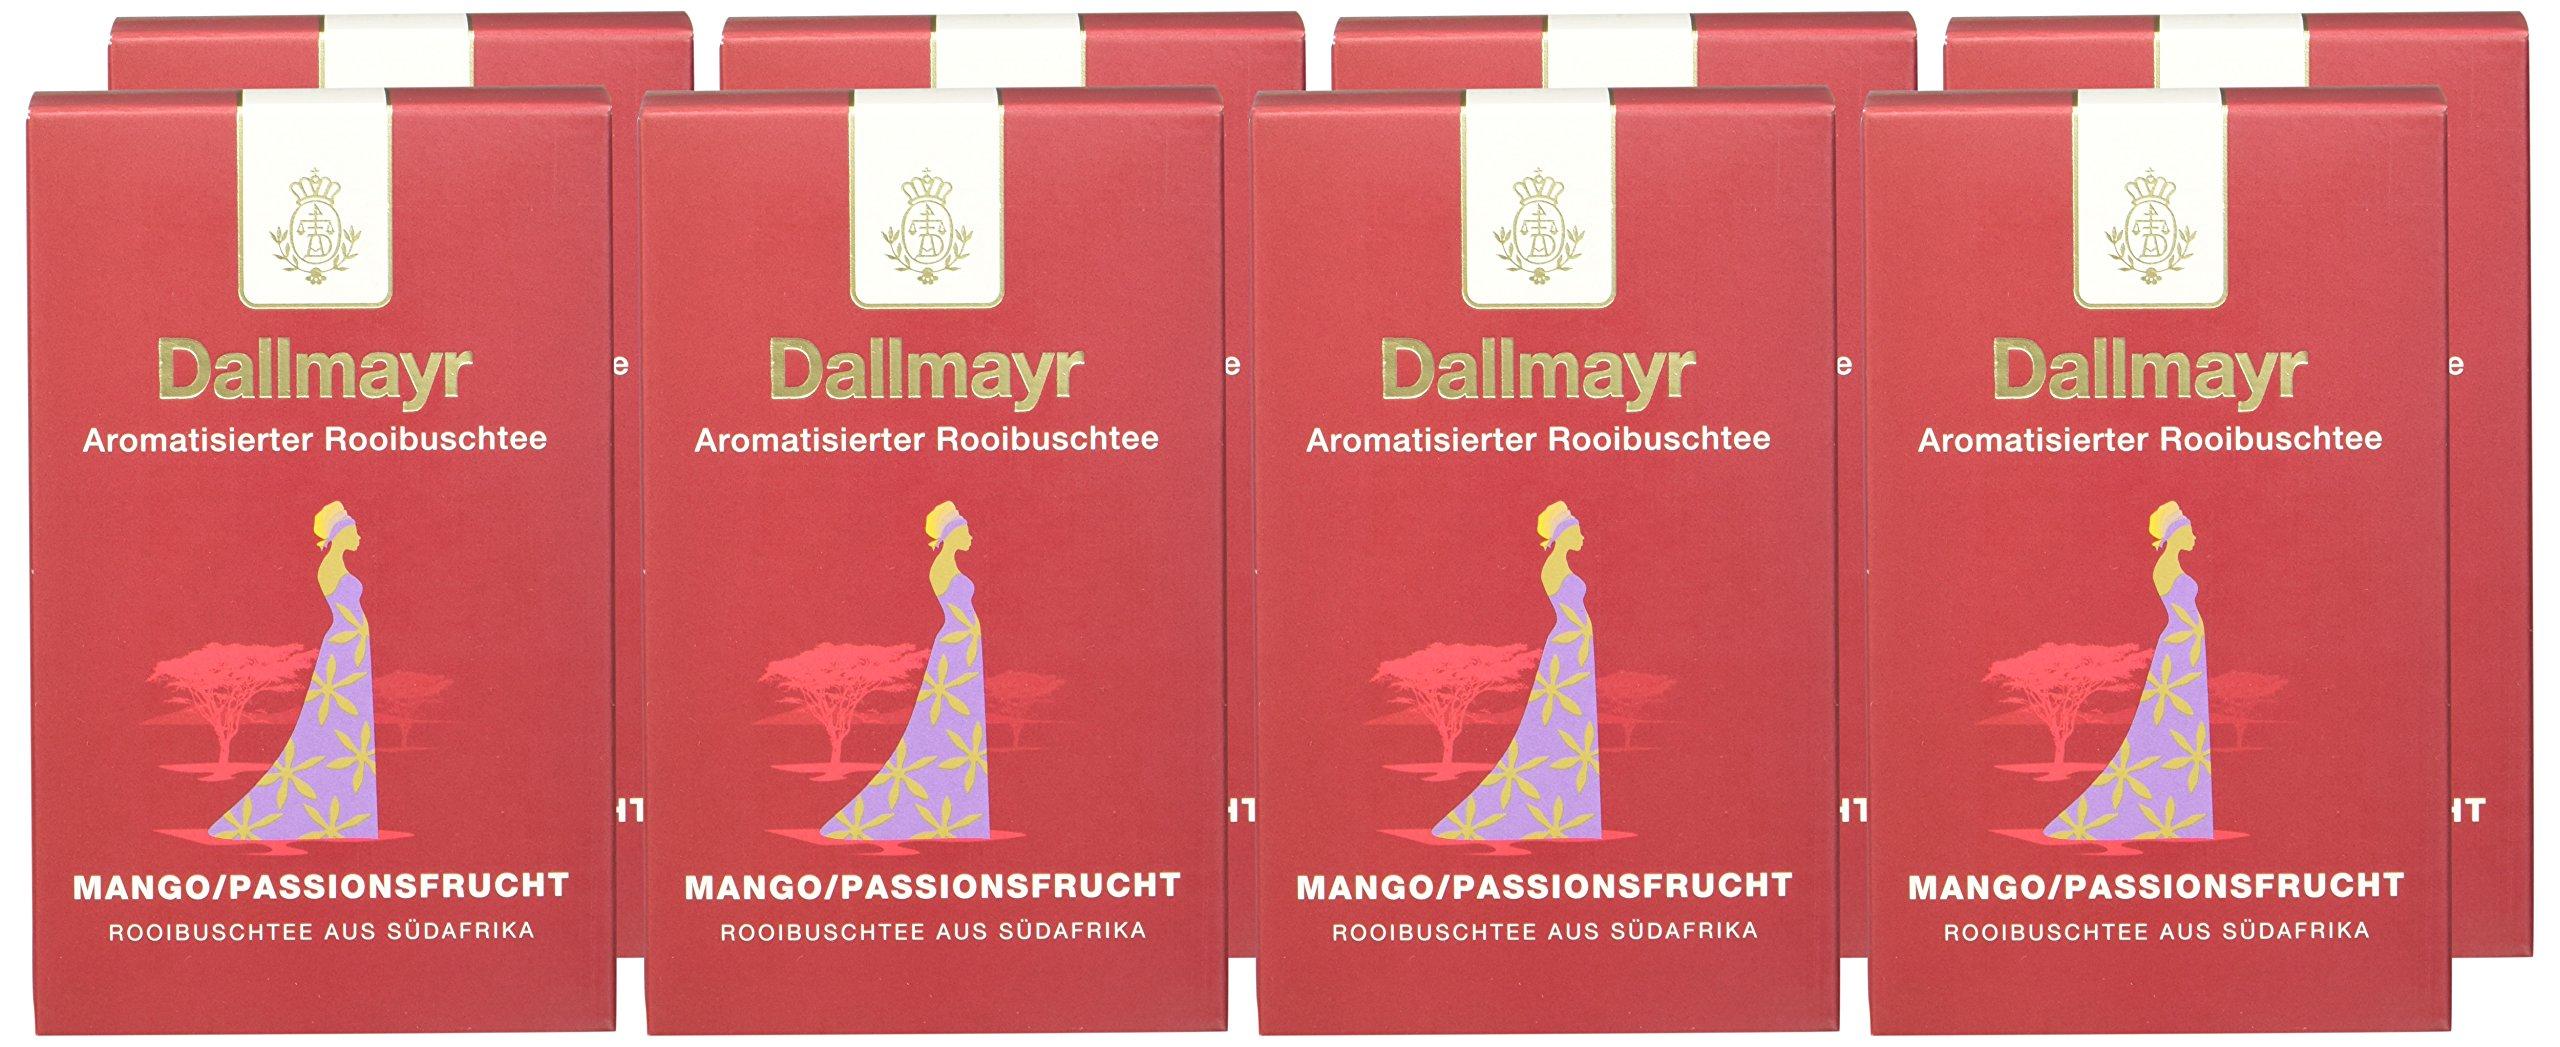 Dallmayr-Roibuschtee-Mango-Passionsfrucht-8er-Pack-8-x-100-g